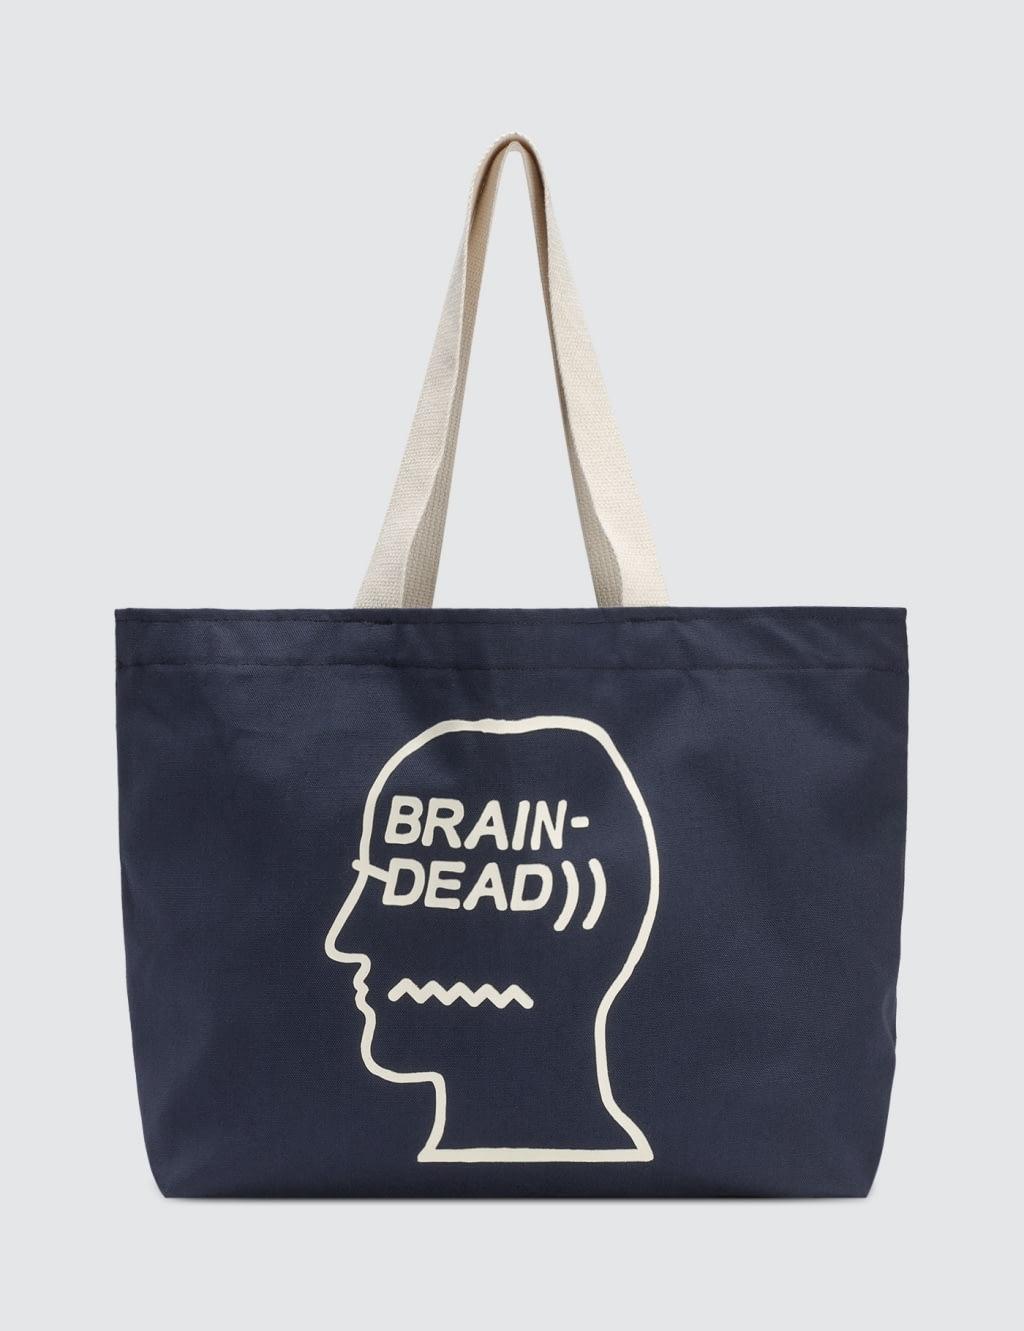 buy original brain dead logo tote bag at indonesia bobobobo. Black Bedroom Furniture Sets. Home Design Ideas